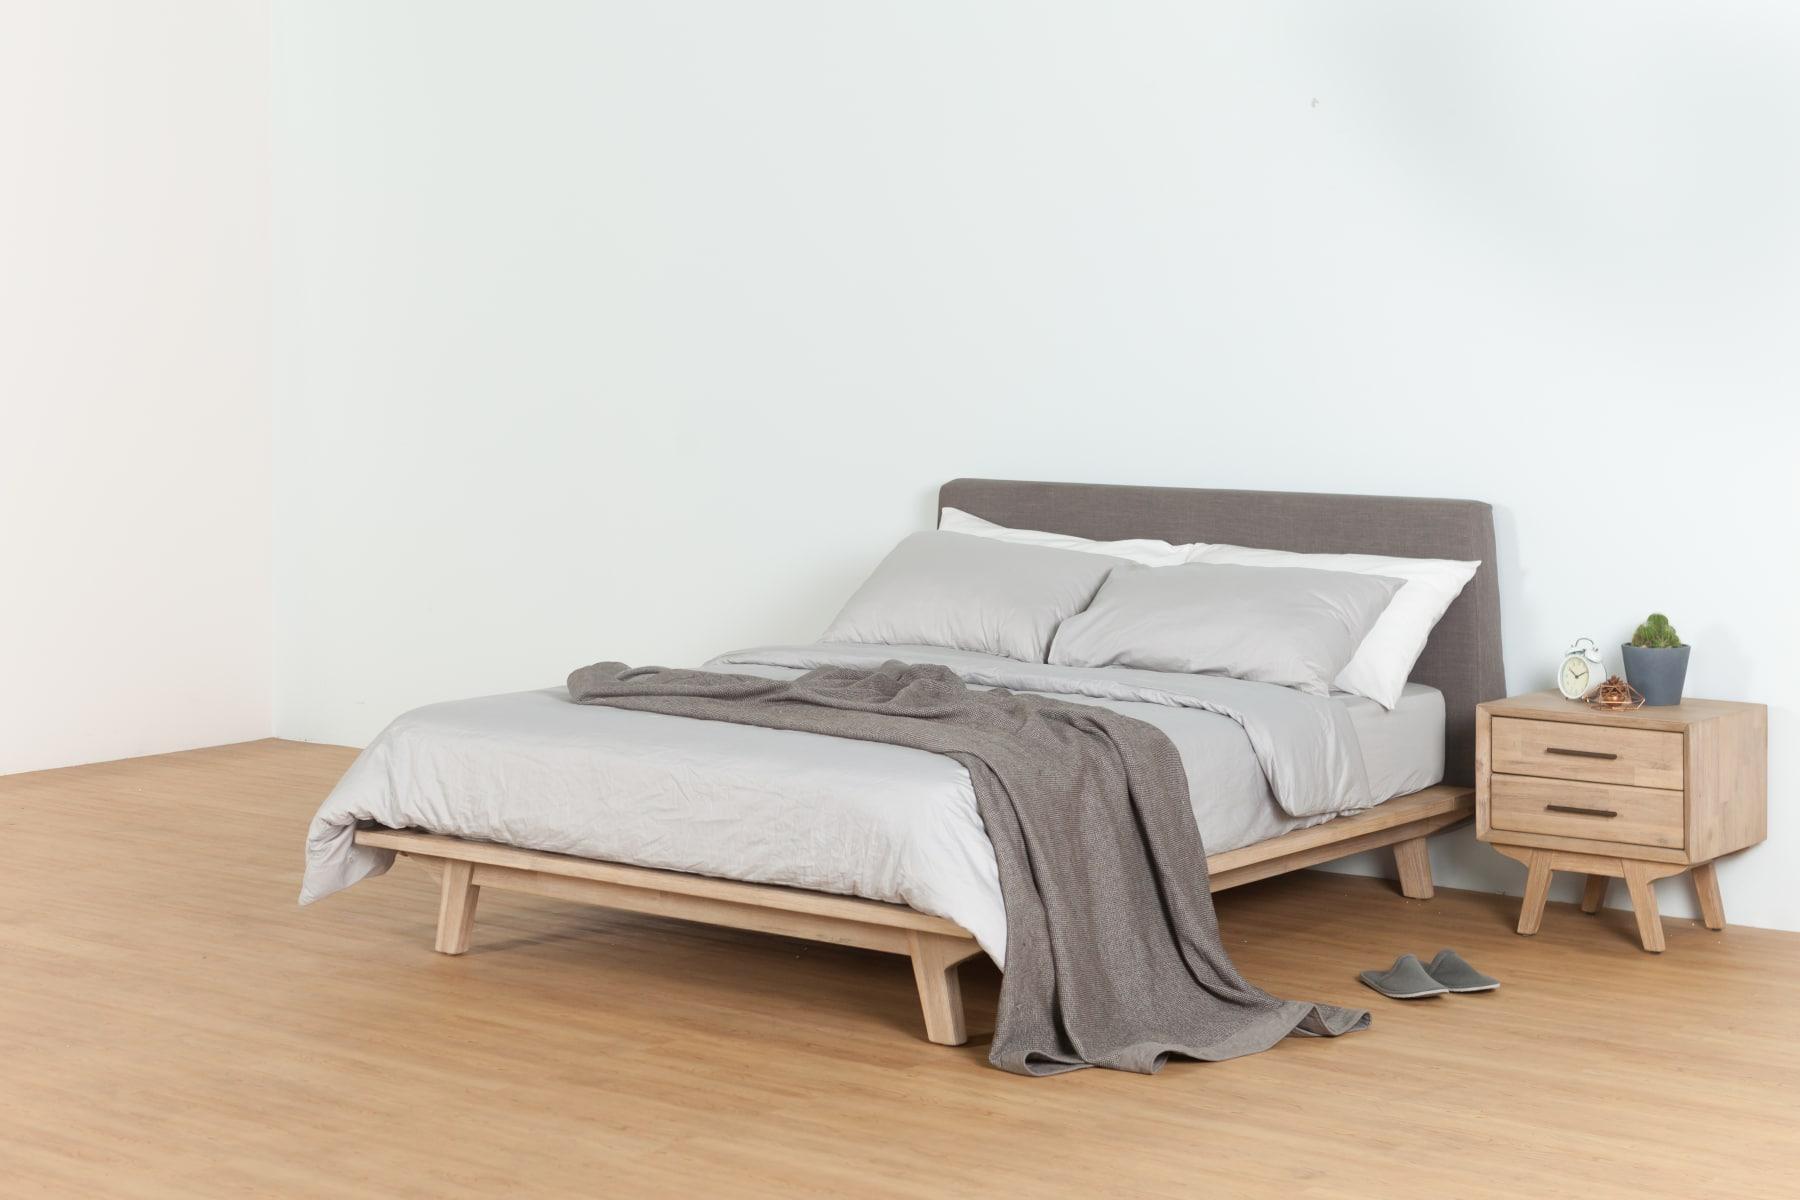 Overlooked Factors When Buying Bedroom Furniture In